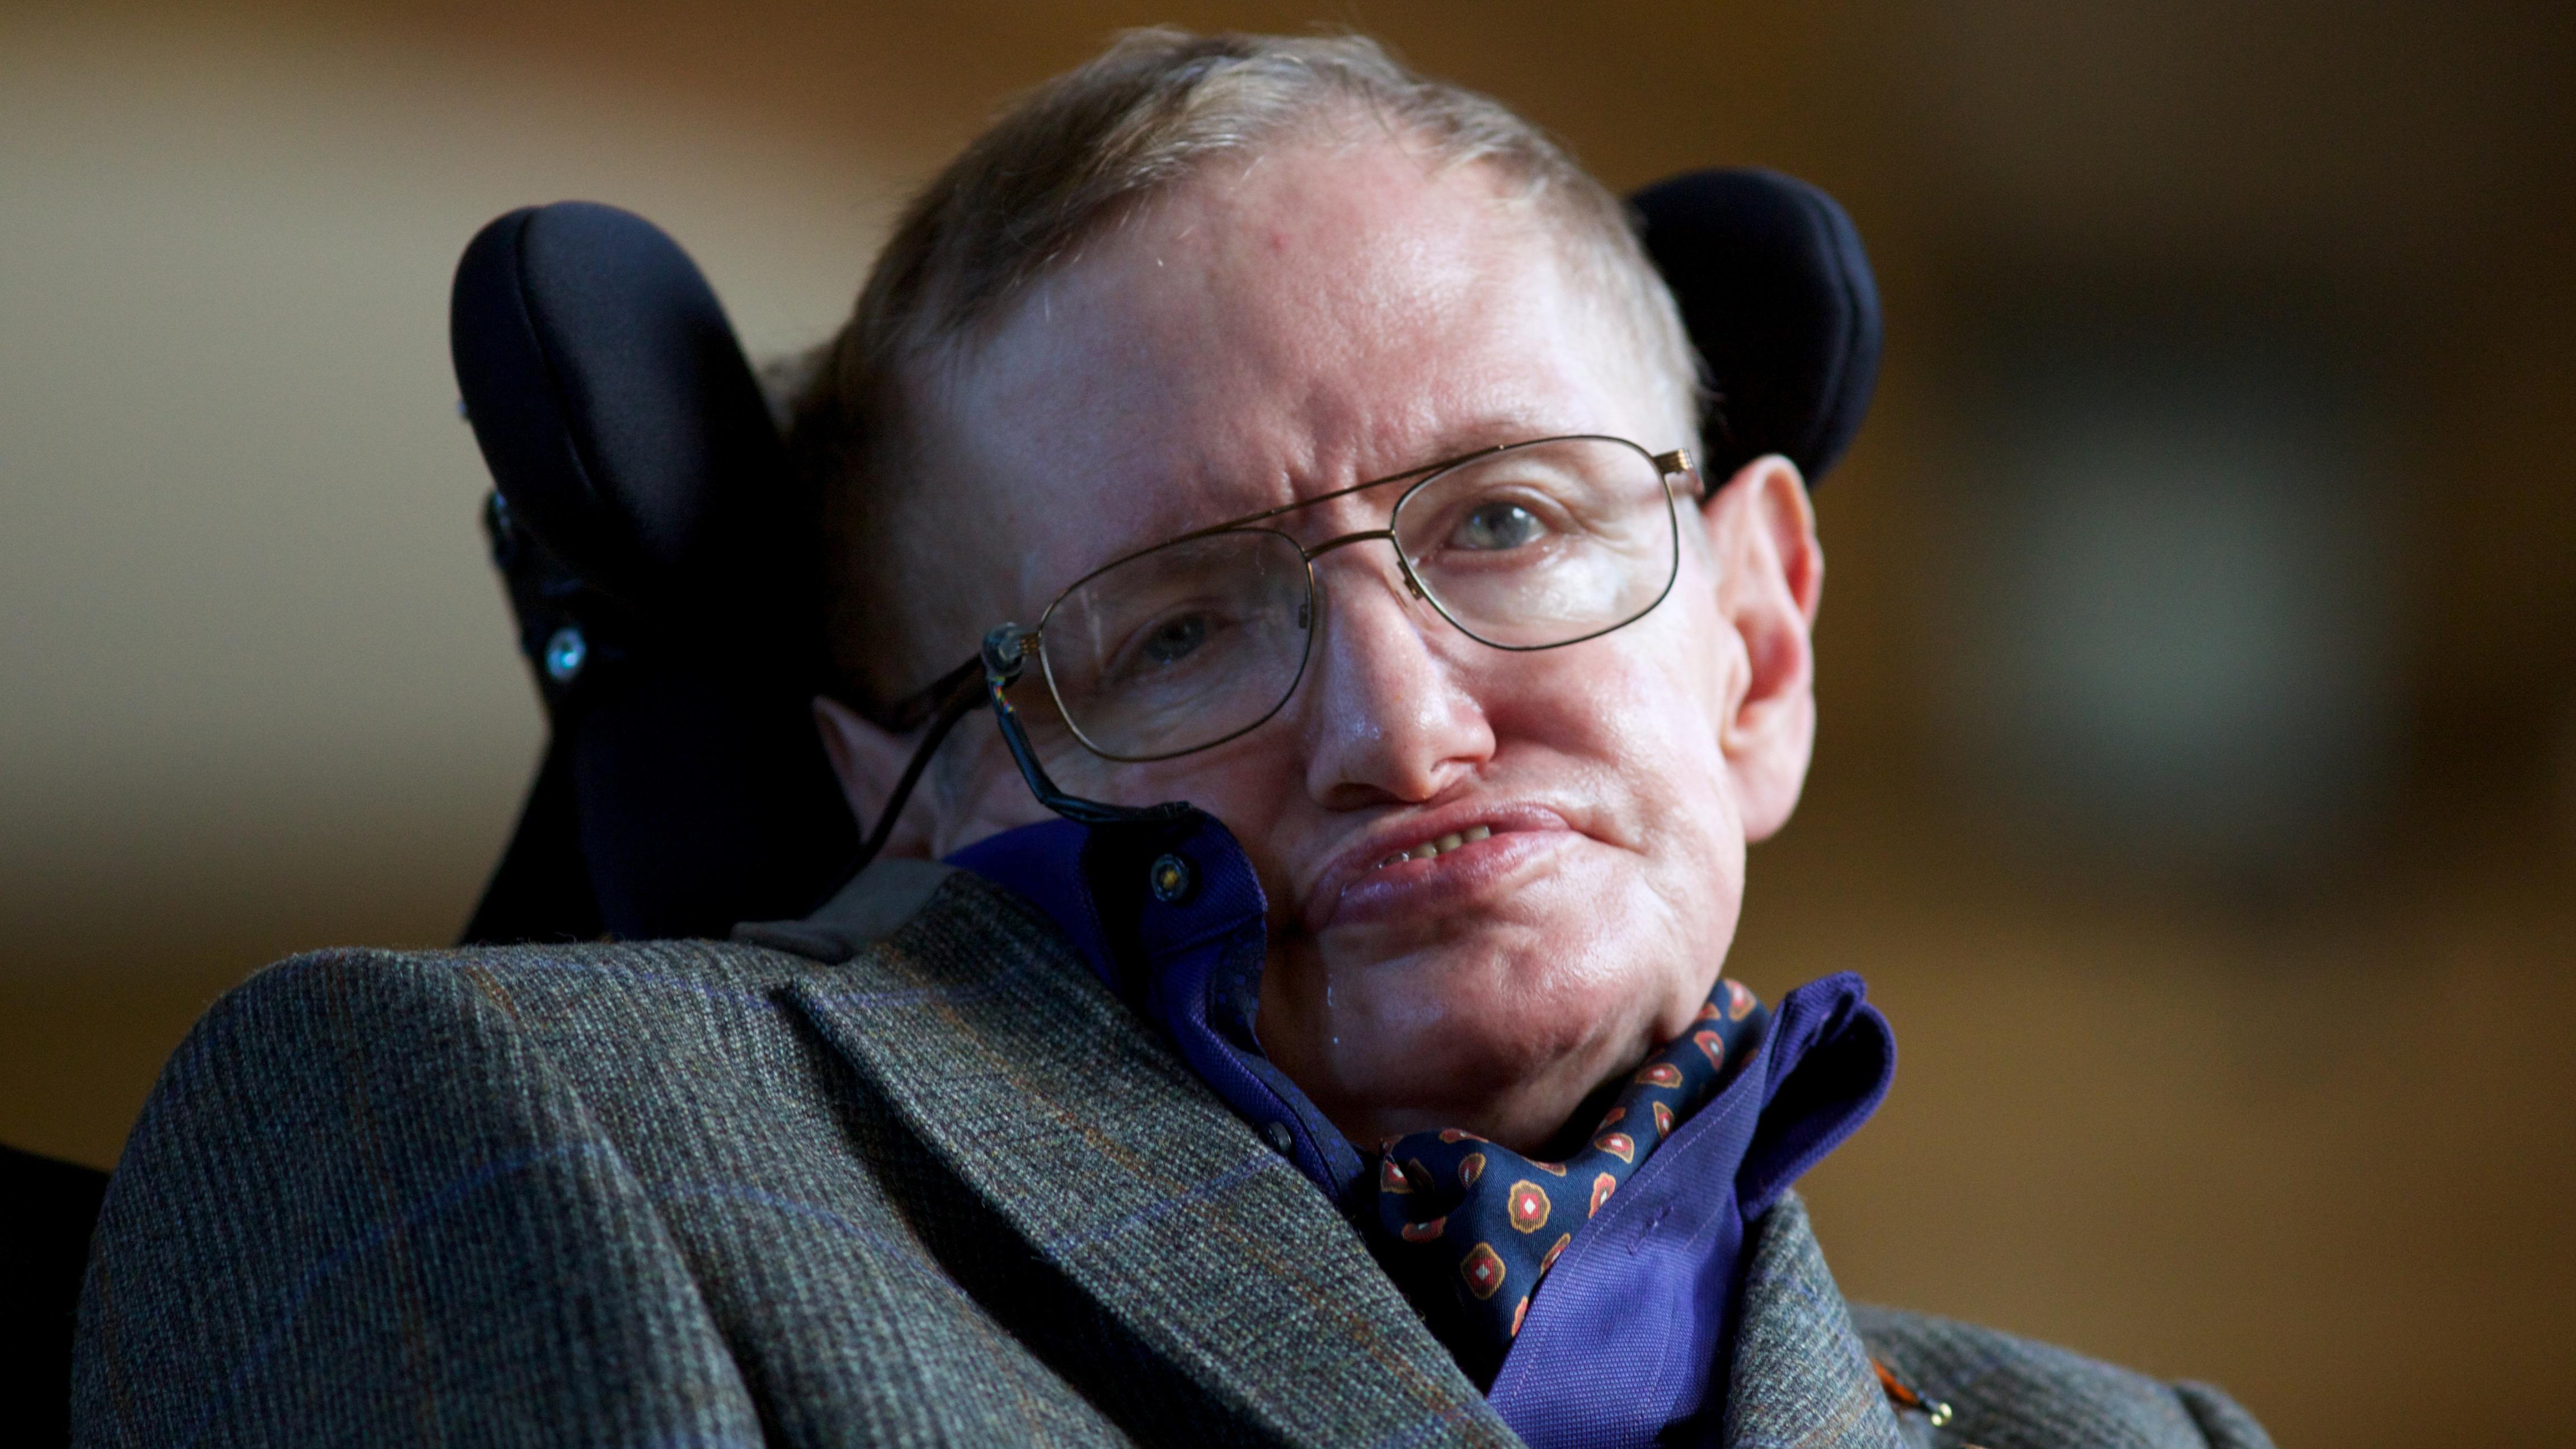 Se presume que Stephen Hawking tenía un coeficiente intelectual de 160.